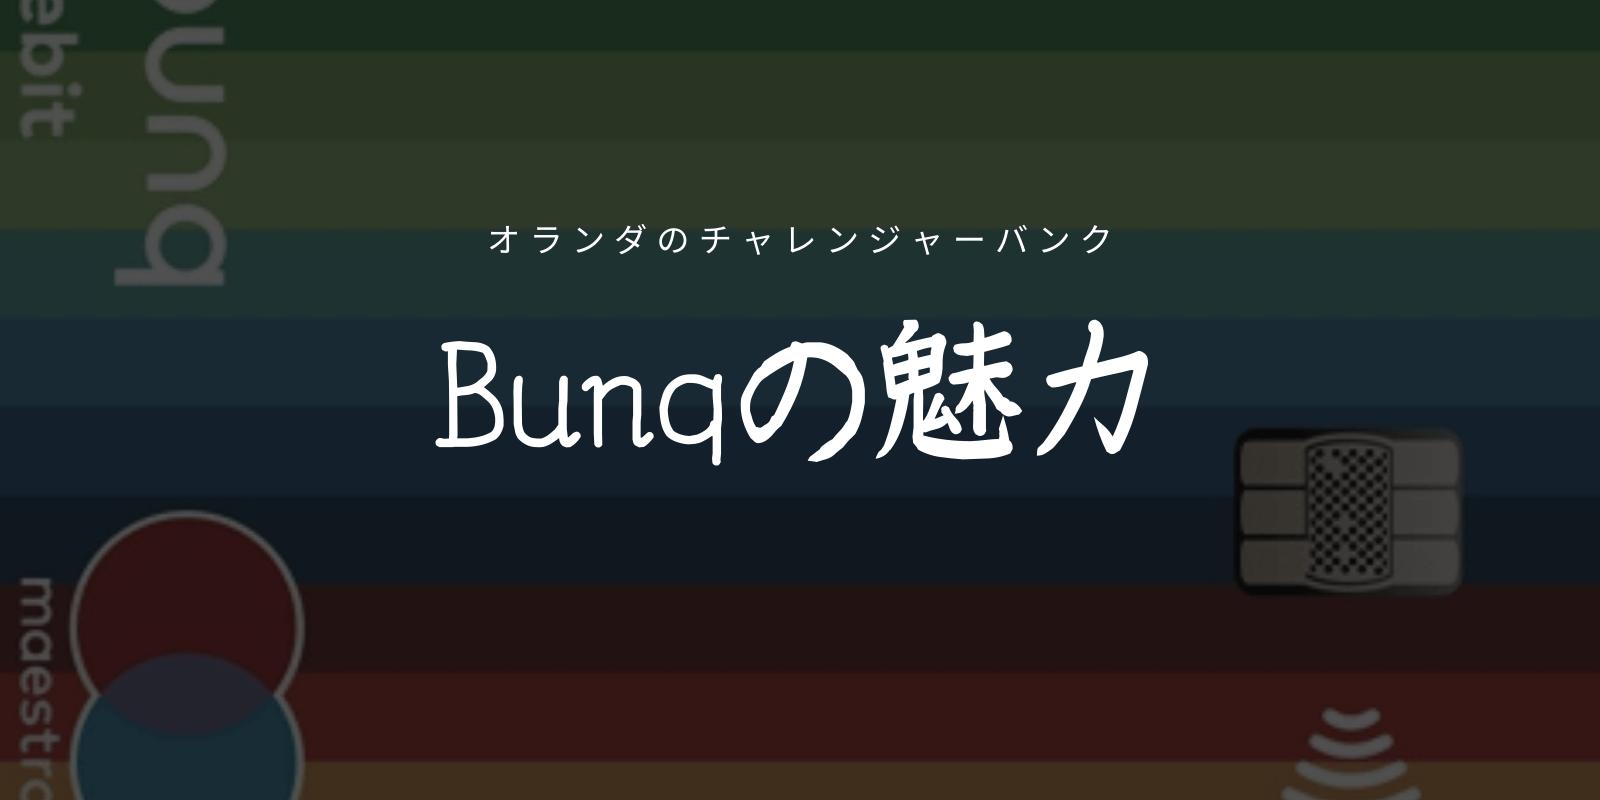 Bunq メリット